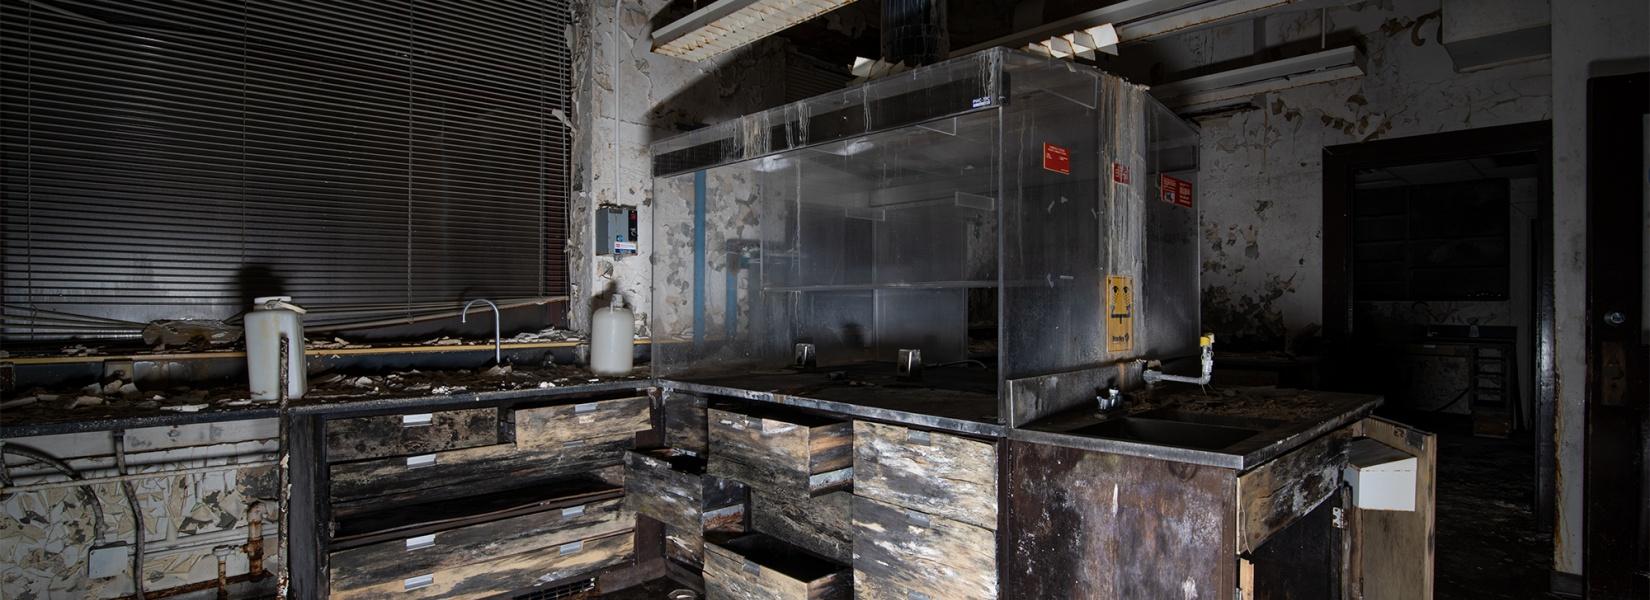 Le vieux laboratoire abandonné